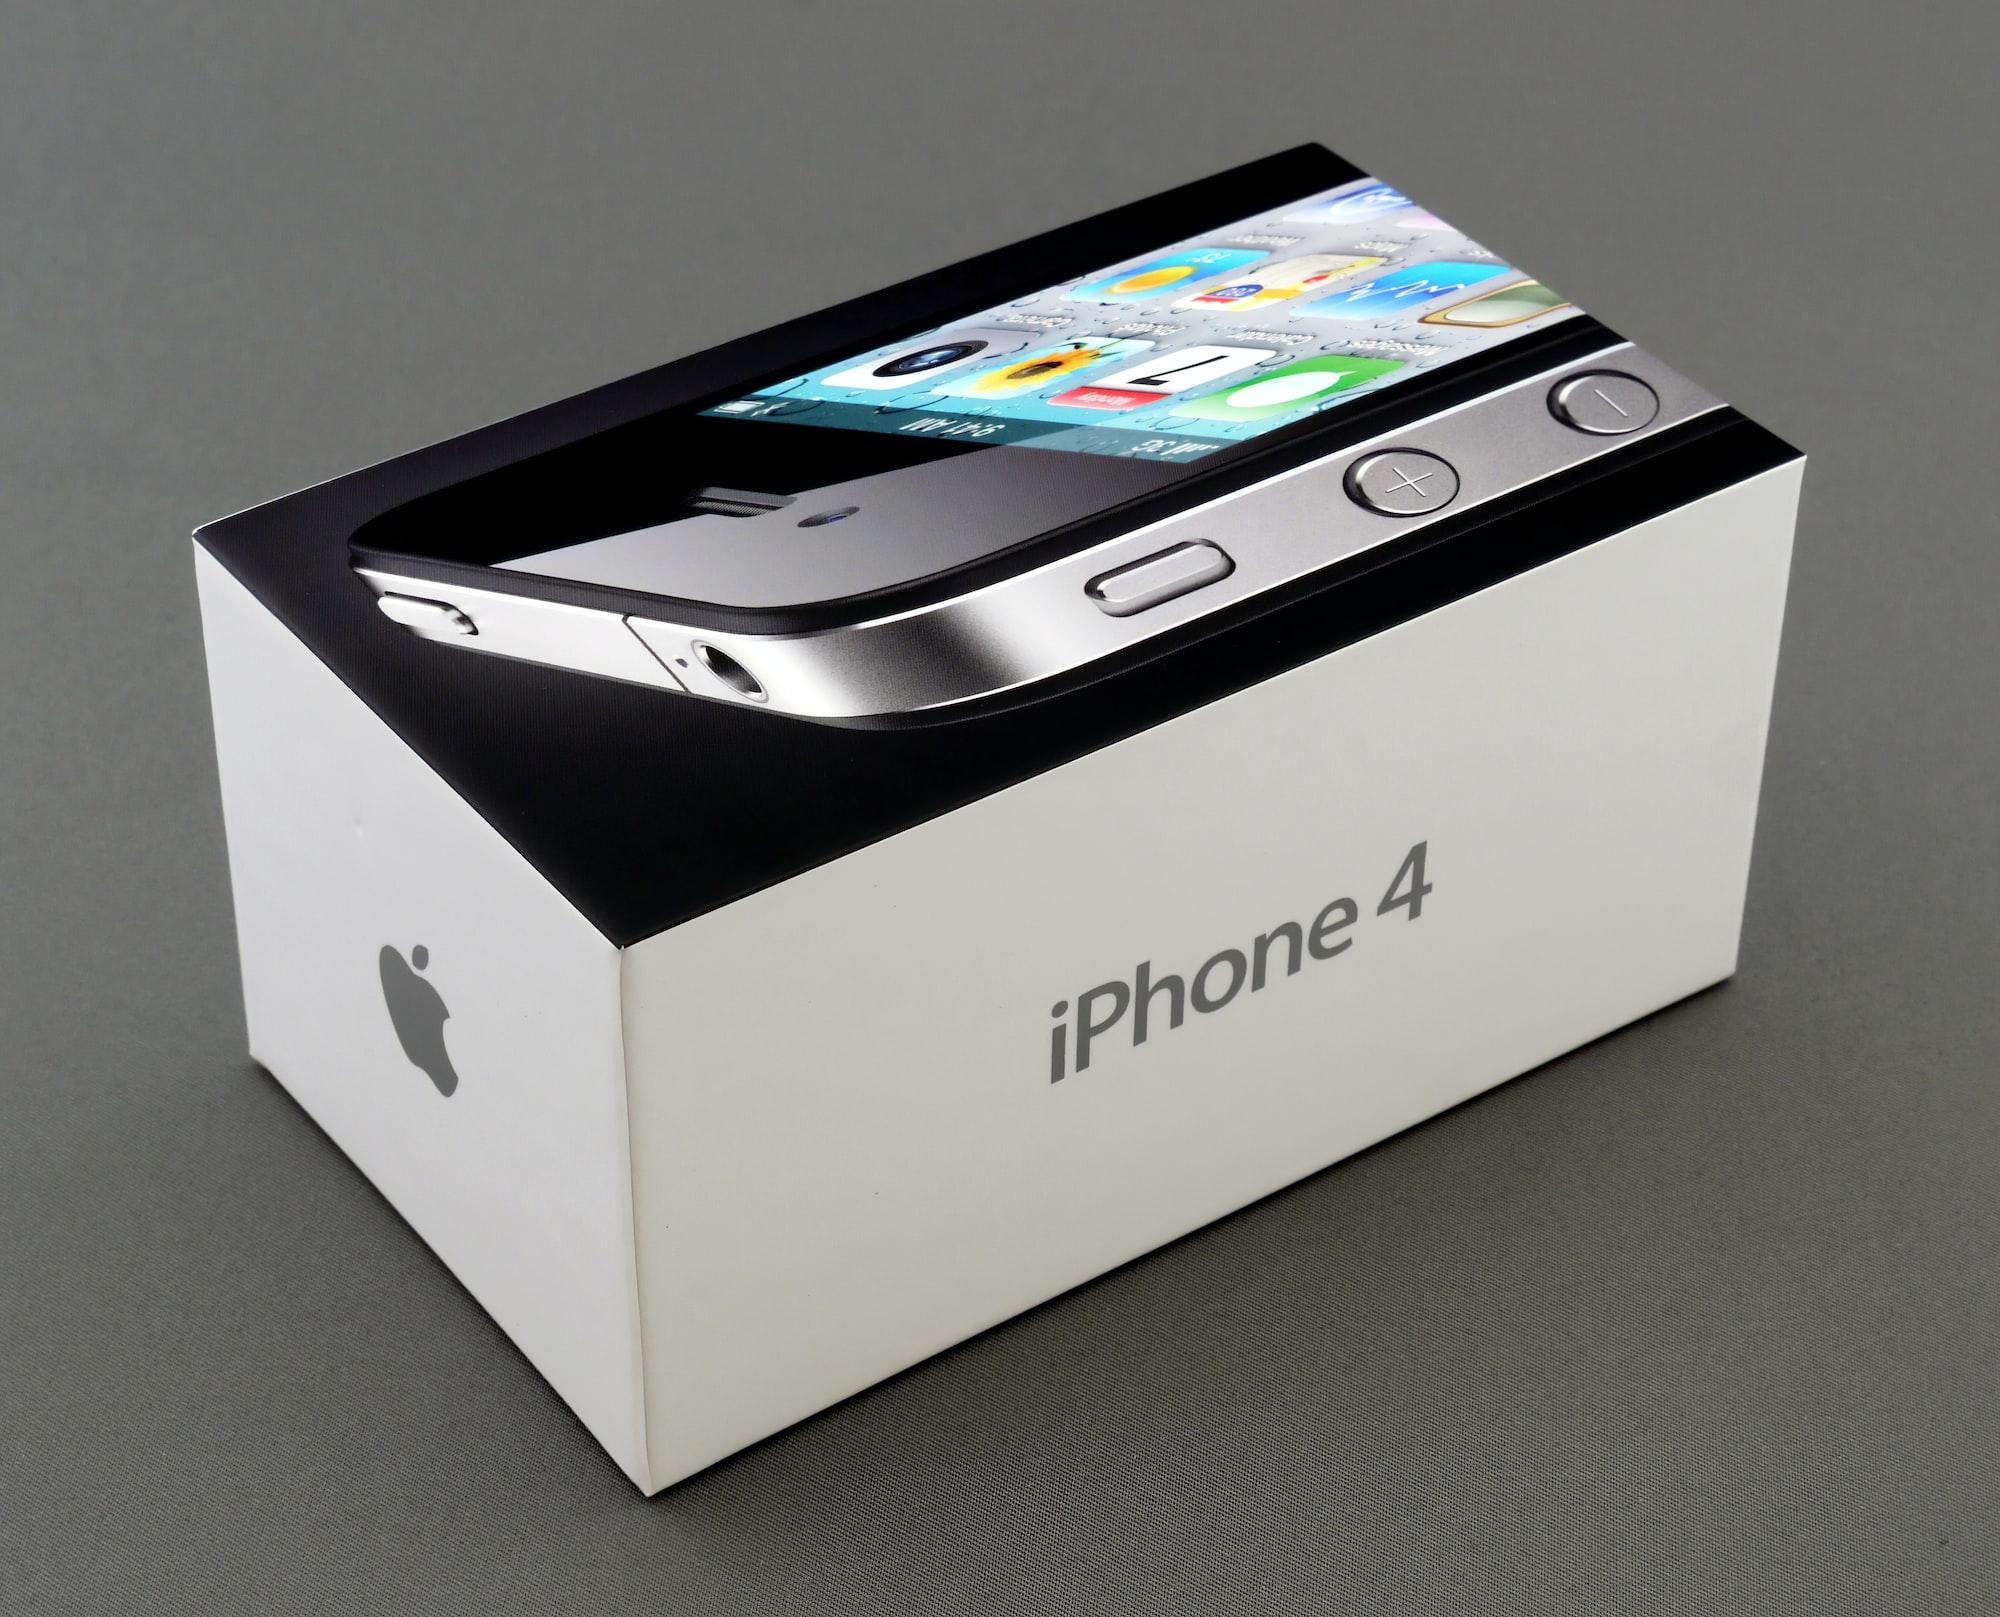 No iPhone 'death grip' Down Under